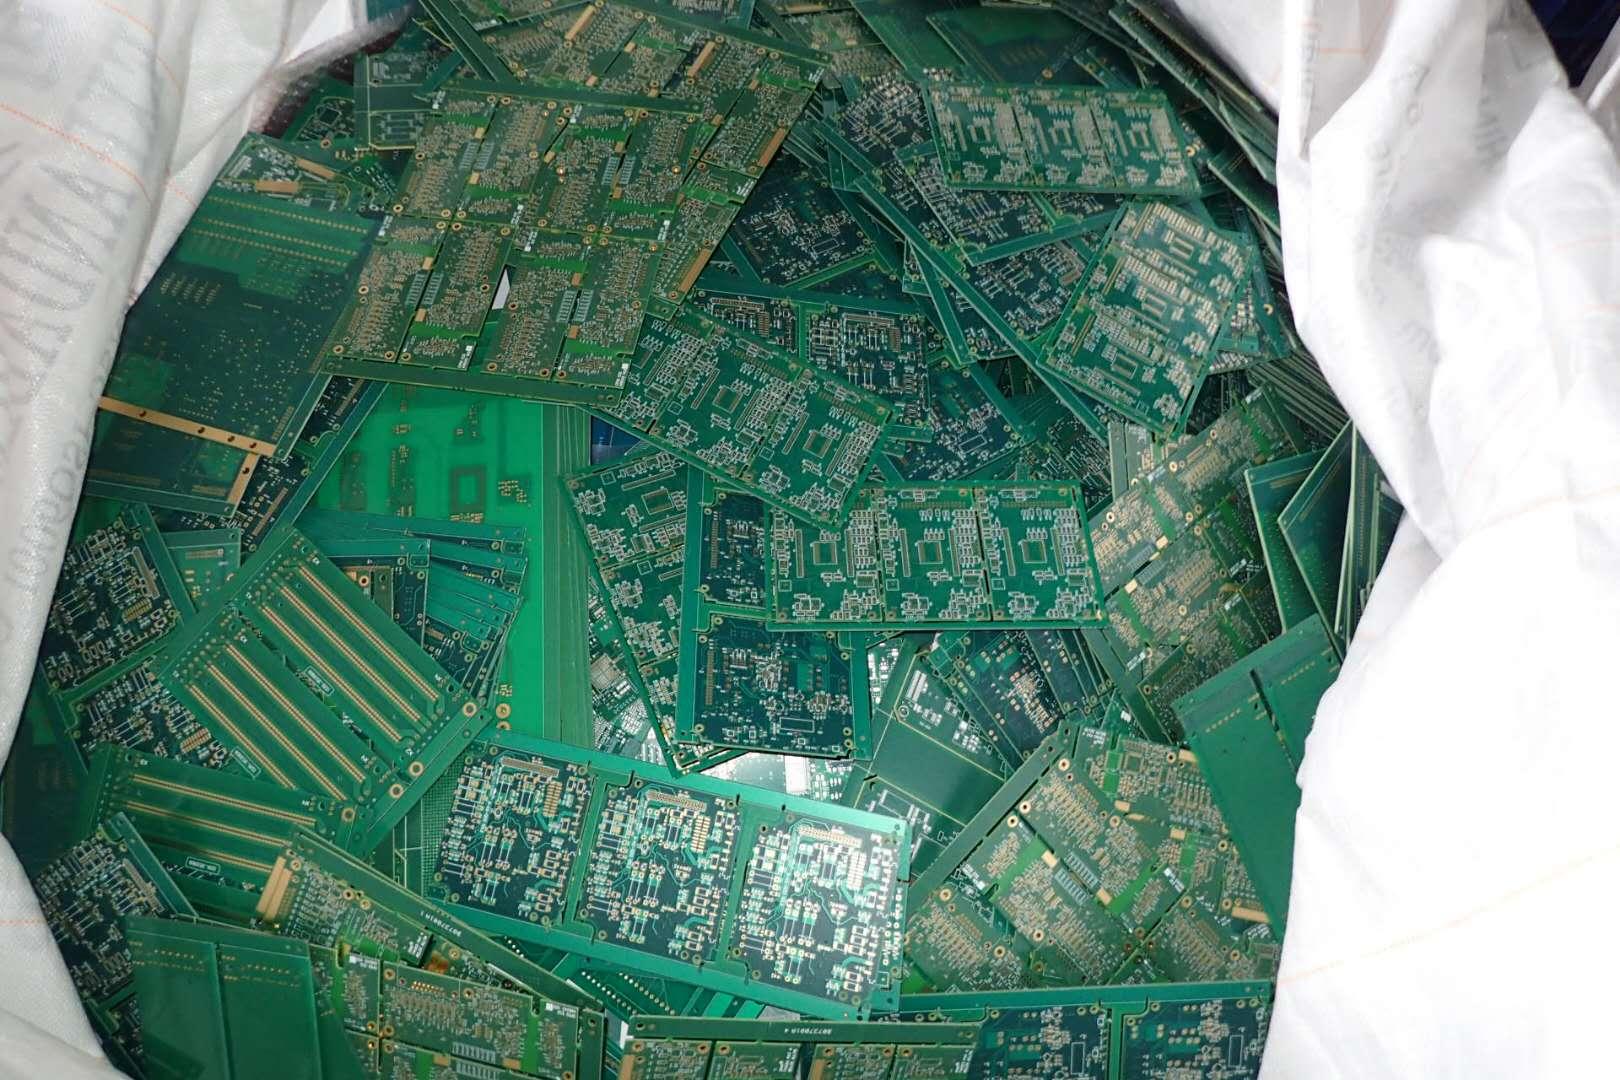 各种PCB板2.jpg